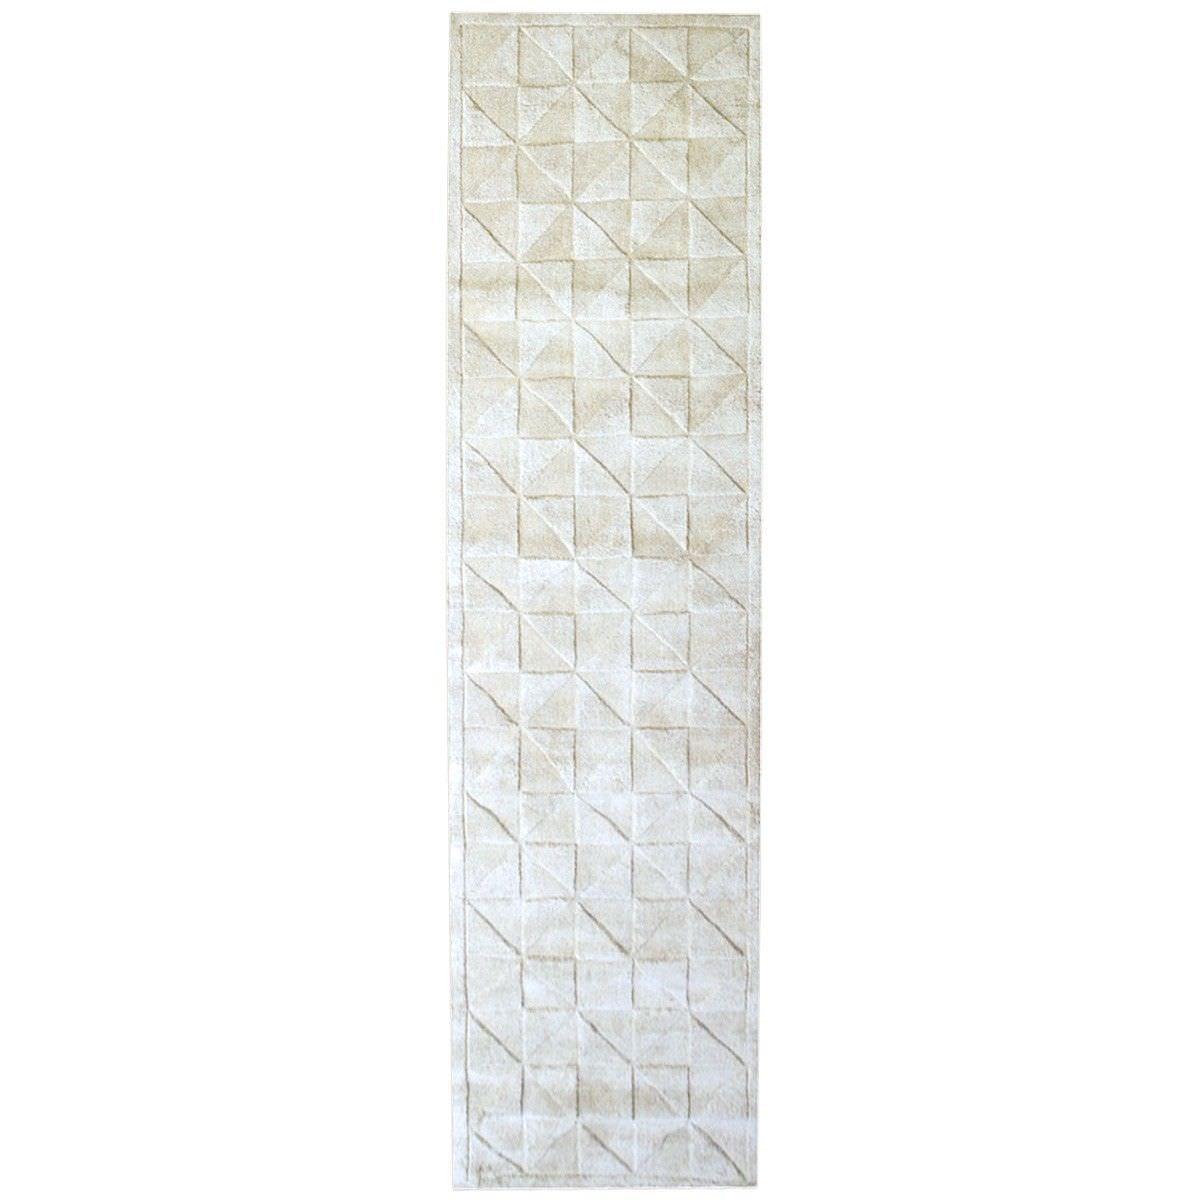 Caberston Modern Wool Runner Rug, 300x80cm, Ivory